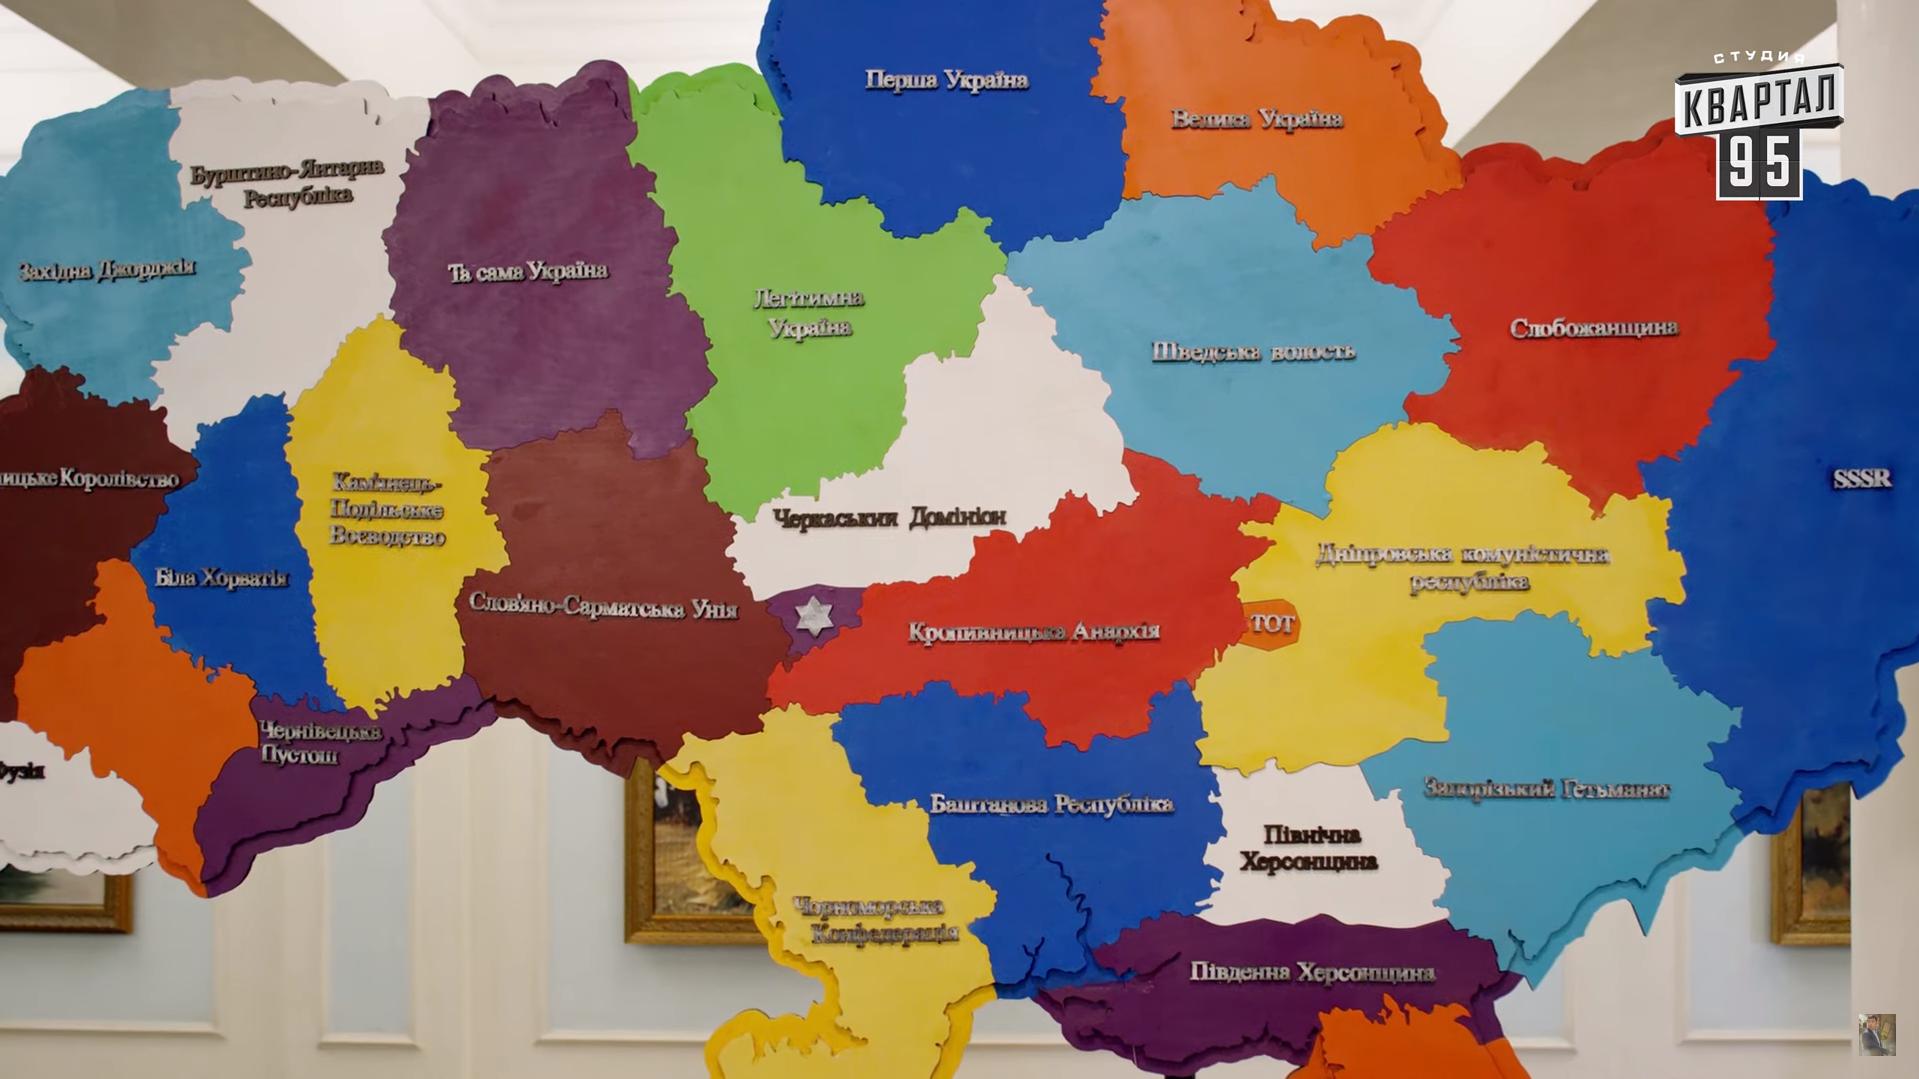 Опубліковано указ про зміну голови Луганської ОДА: замість Комарницького - Гайдай - Цензор.НЕТ 4296